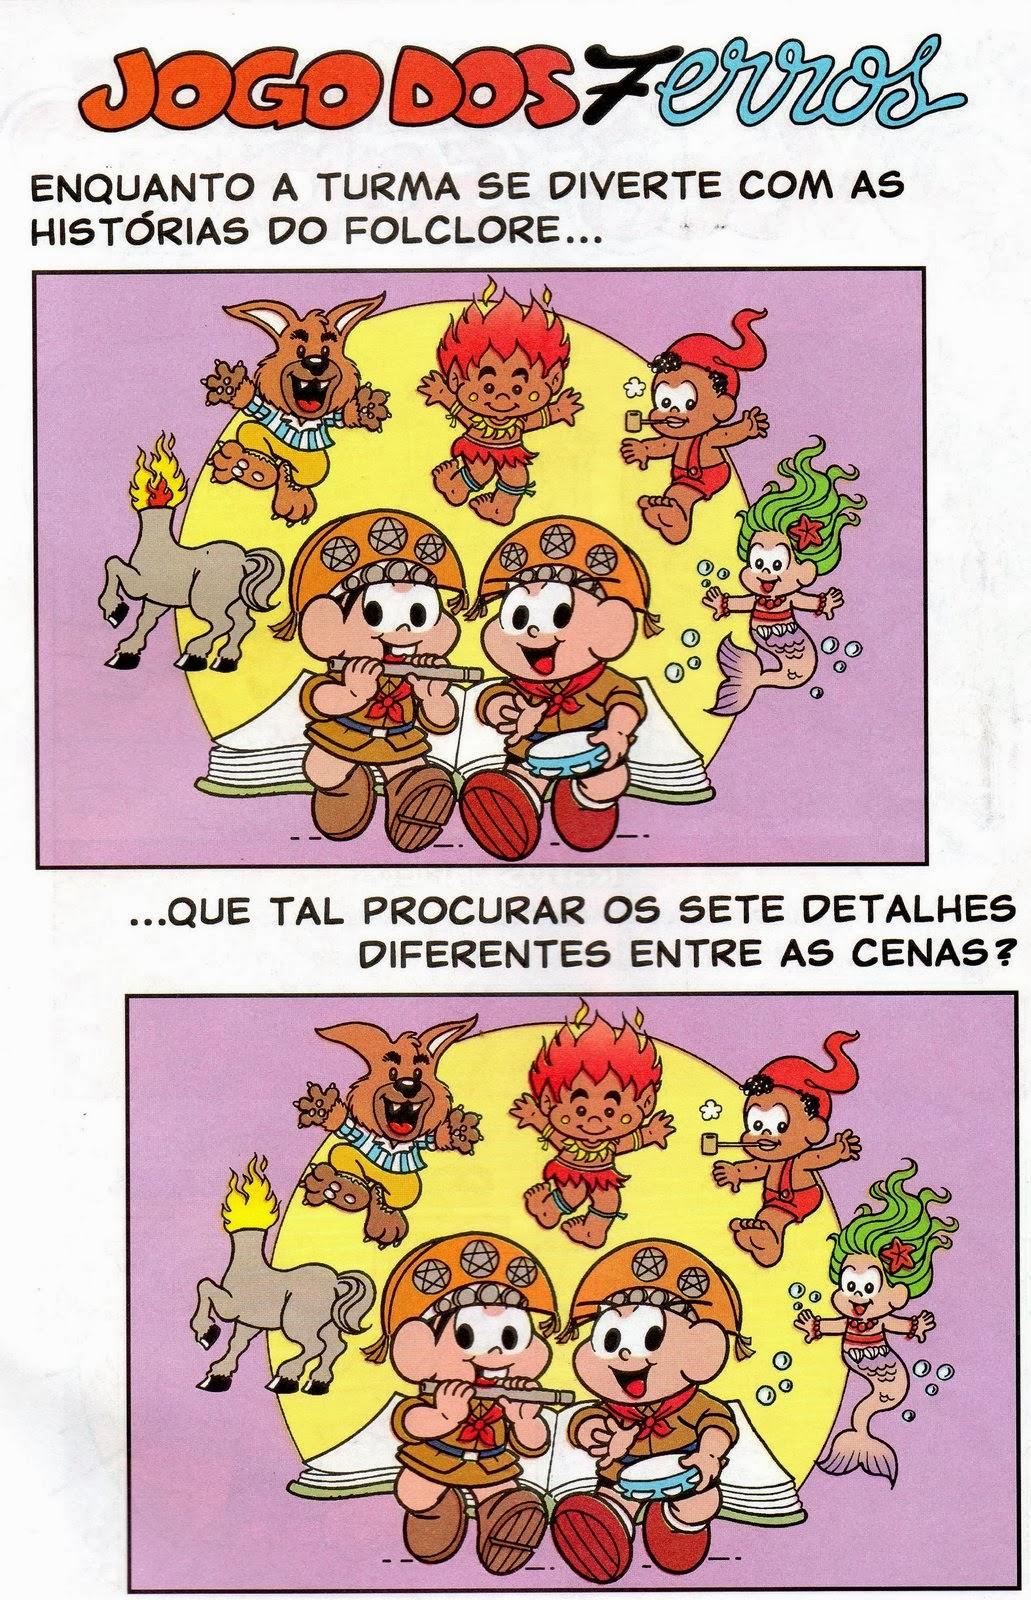 Lendas do Folclore - Jogo dos 7 erros - Turma da Mônica